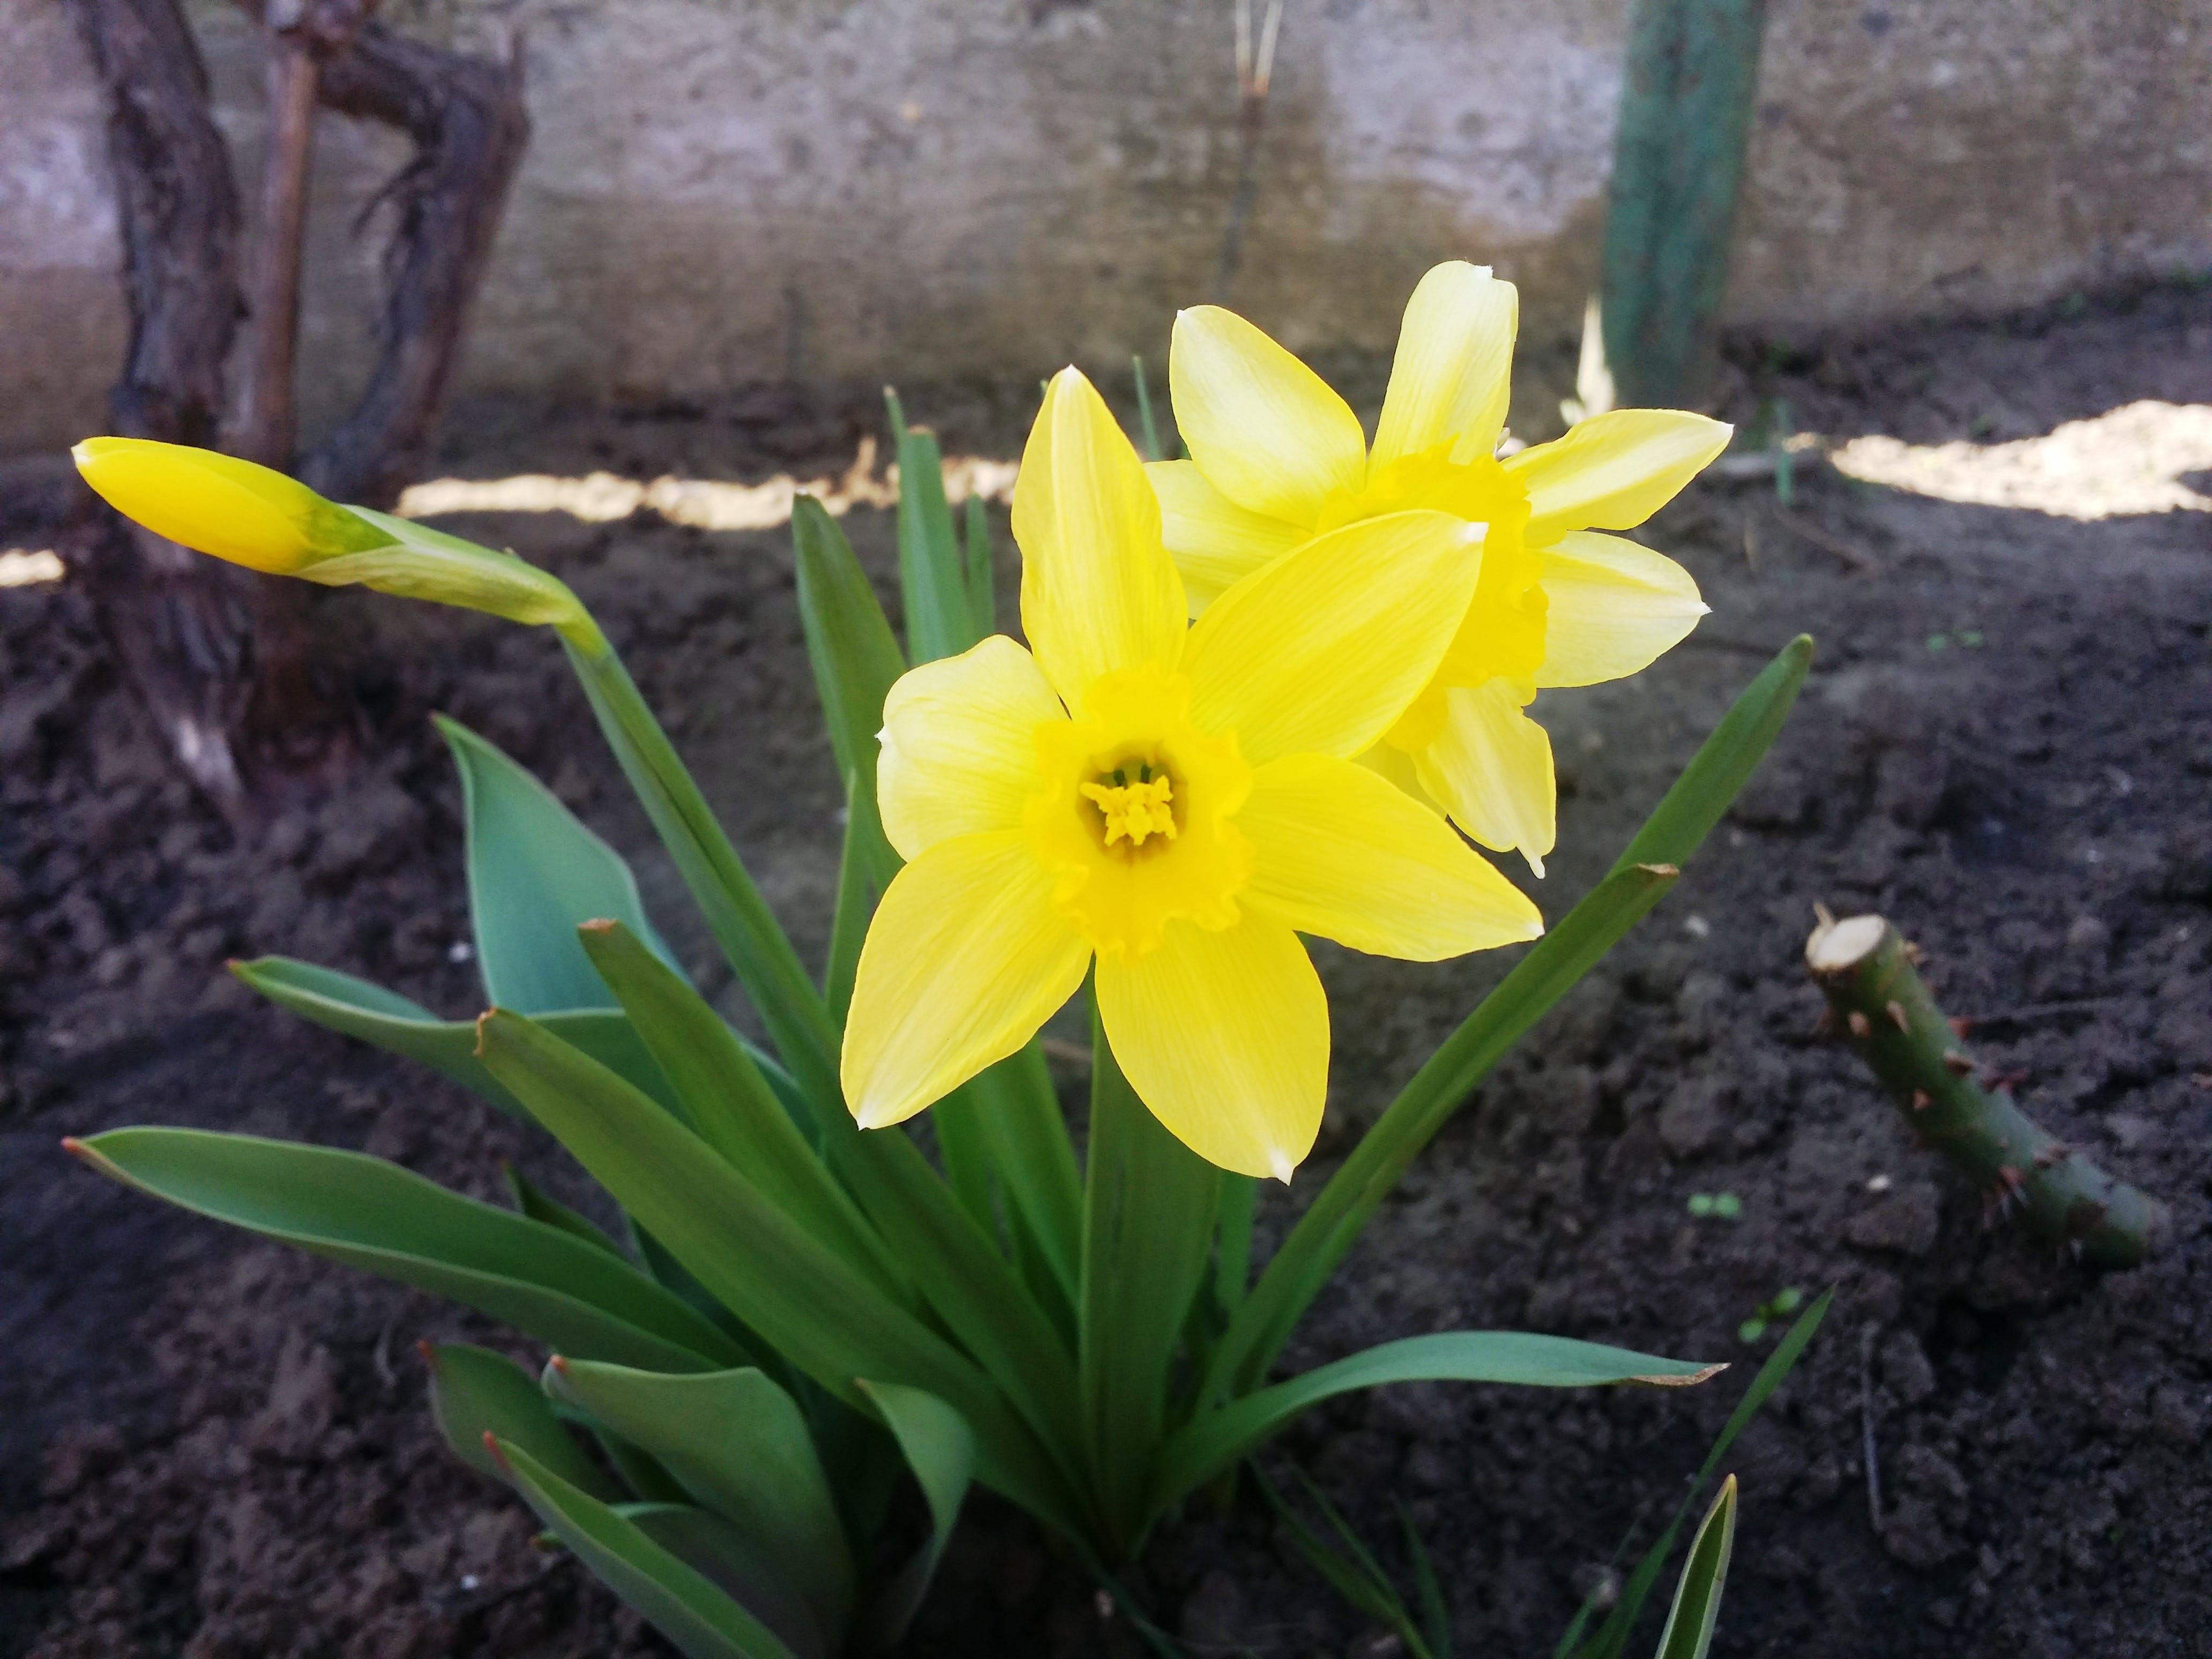 Бесплатное стоковое фото с букет цветов, весенний цветок, желтые цветы, нарциссы